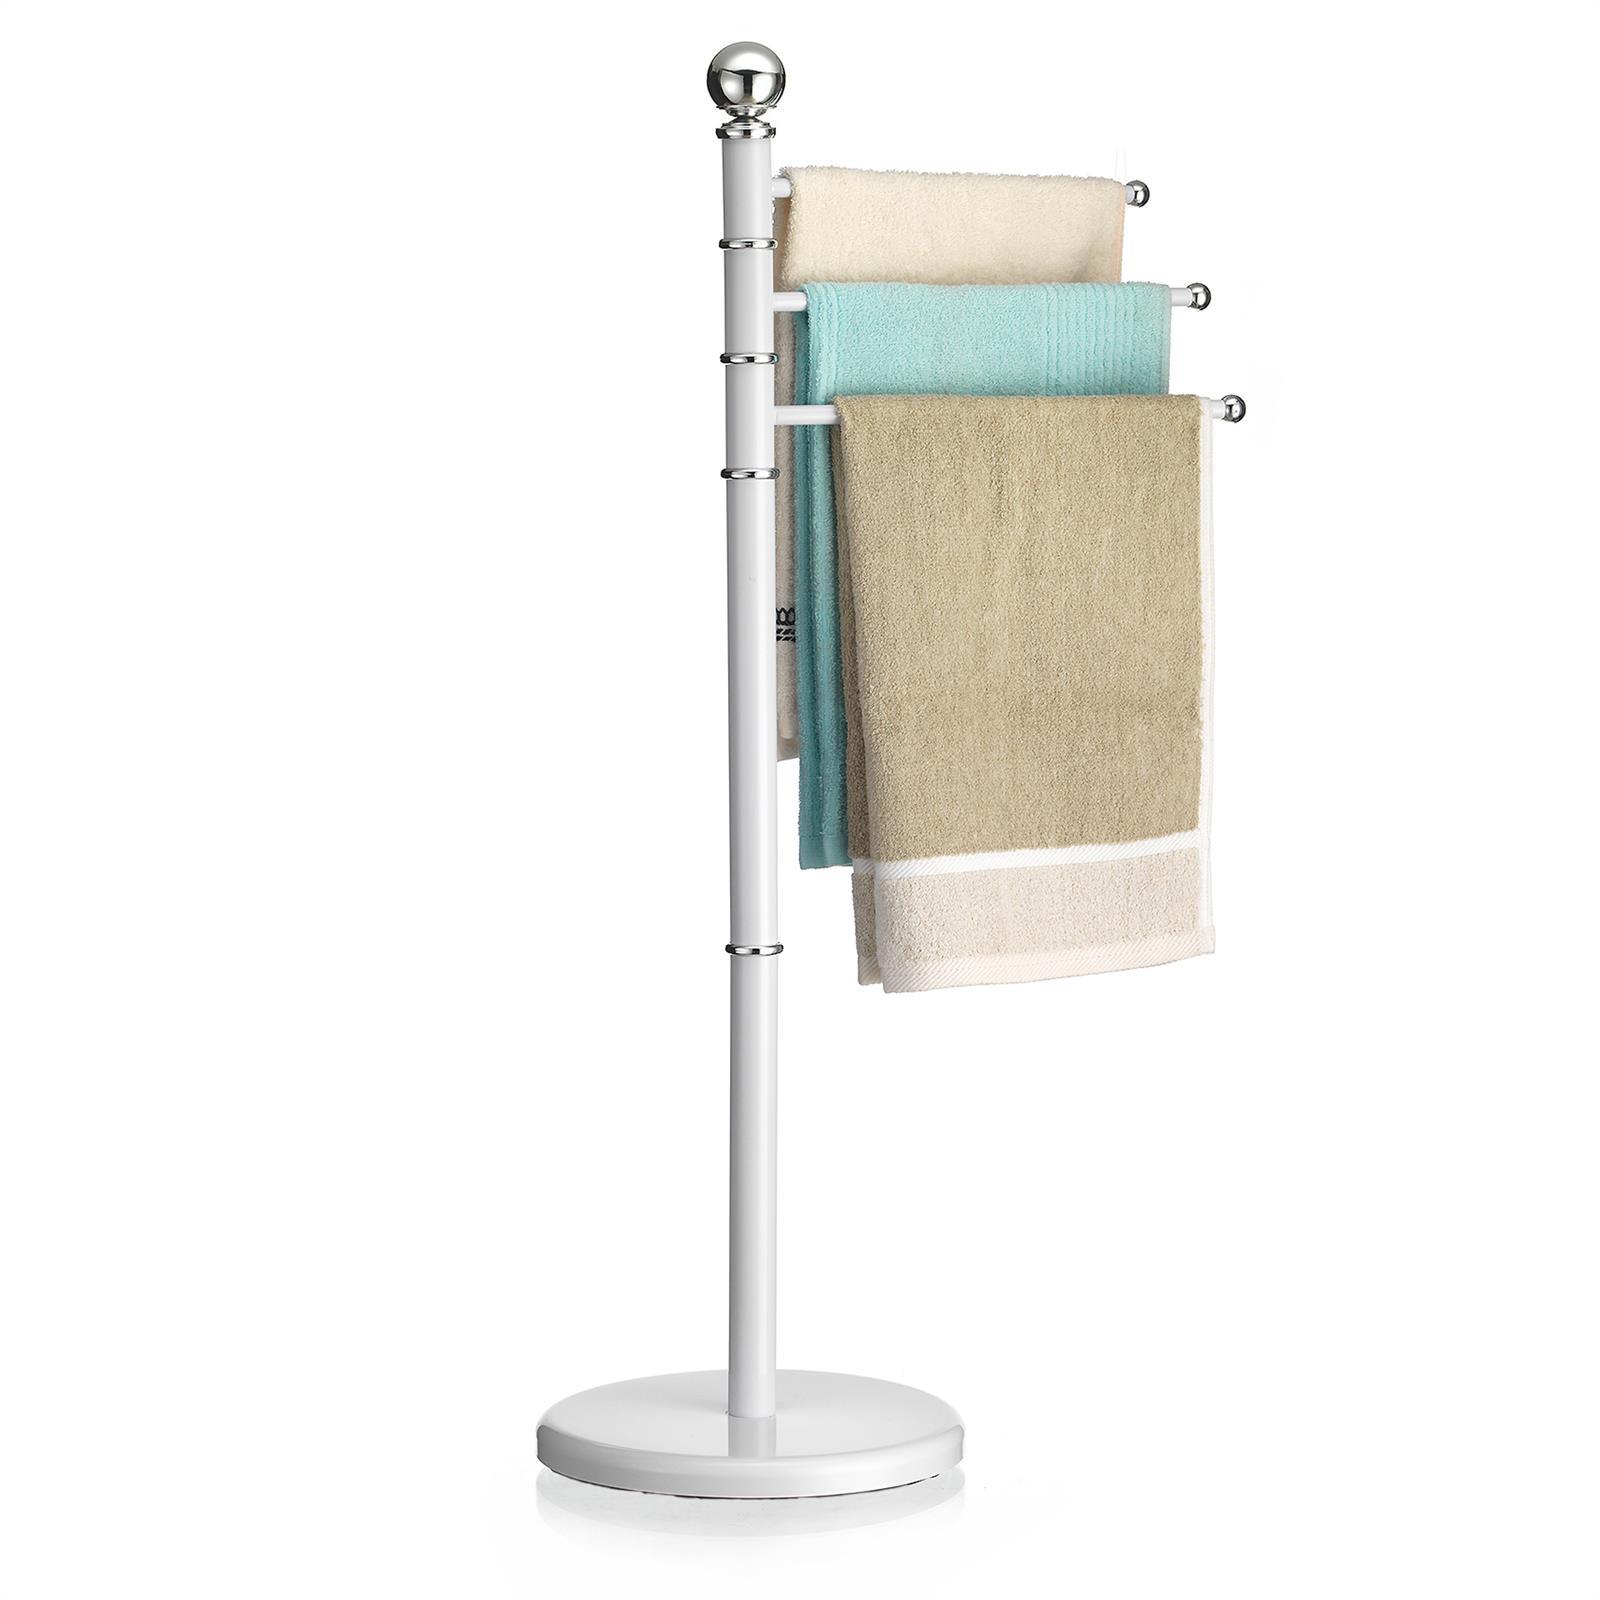 handtuchhalter handtuchst nder badetuch stand halter design 3 bewegliche arme ebay. Black Bedroom Furniture Sets. Home Design Ideas